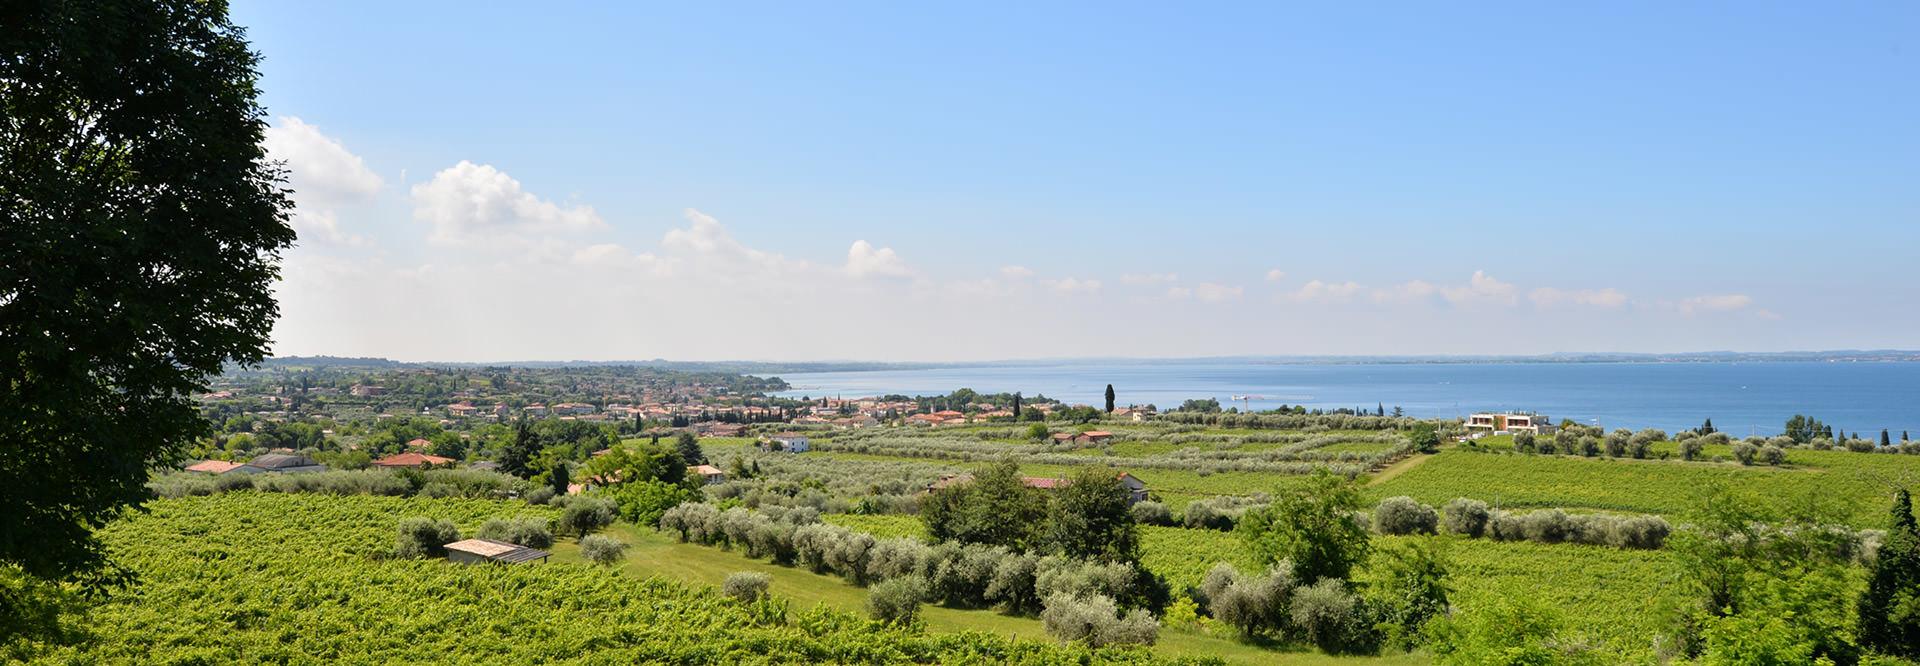 Vini e spumanti tipici del Lago di Garda, freschi e fruttati che nascono da vitigni autoctoni.